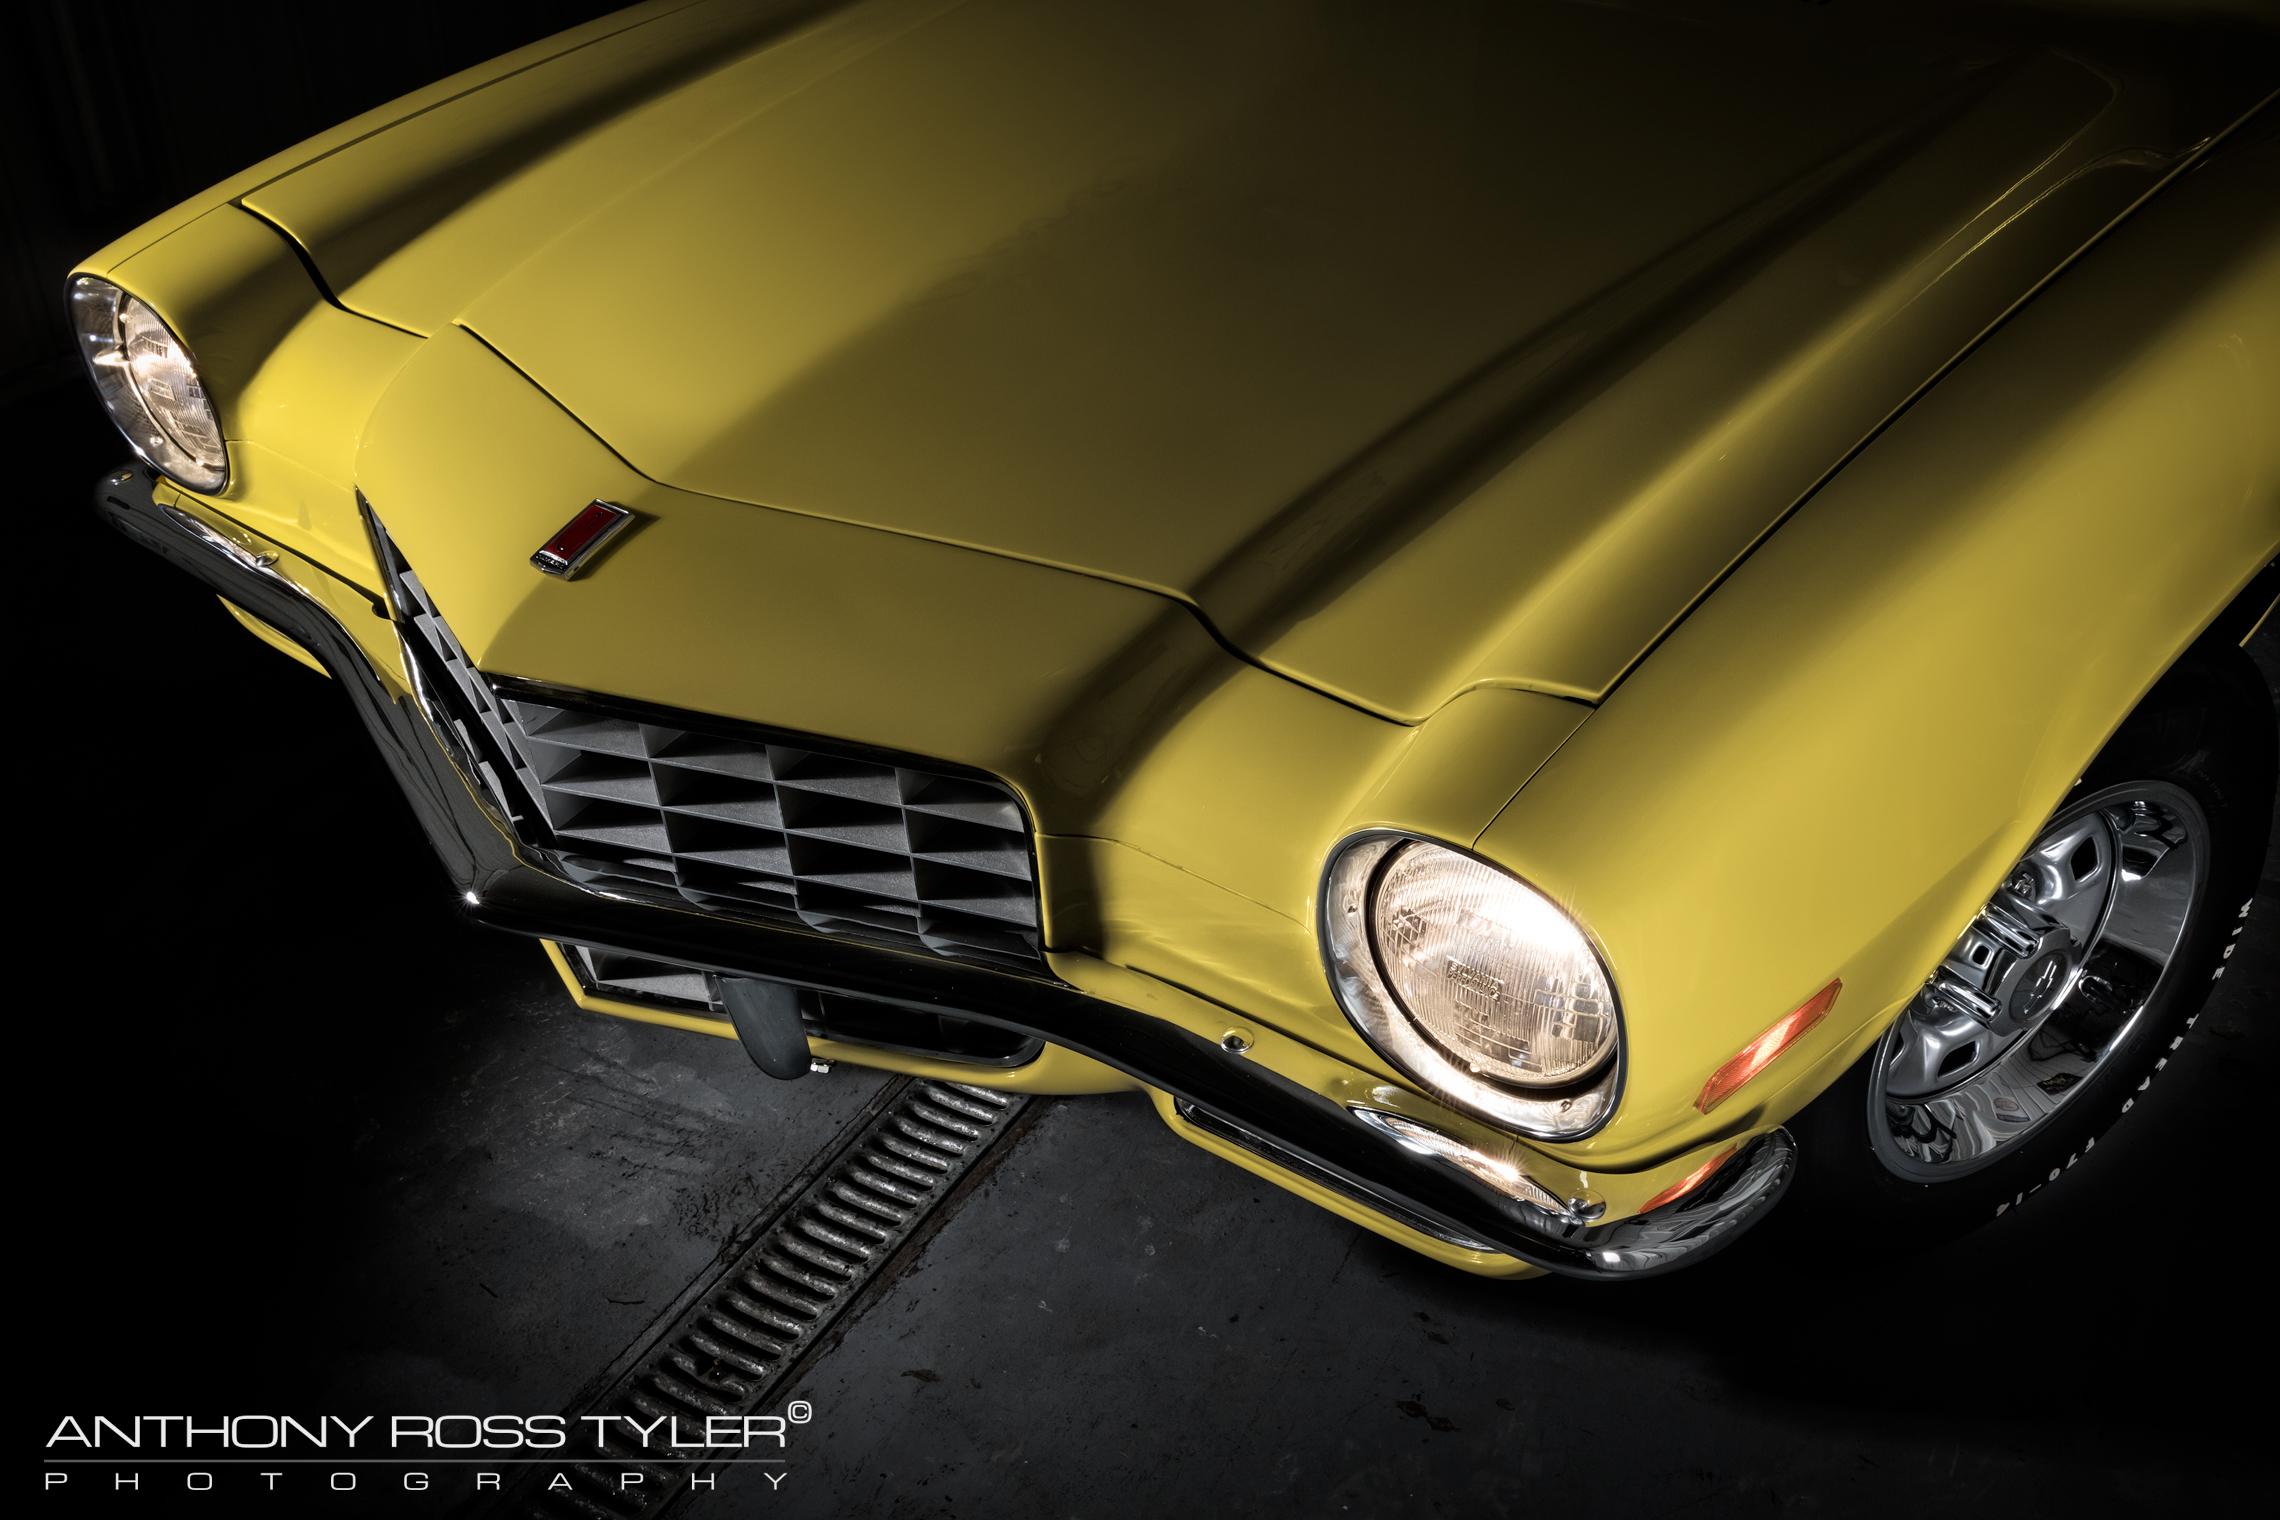 72-Camaro-FRONT-v2-Edit-copy